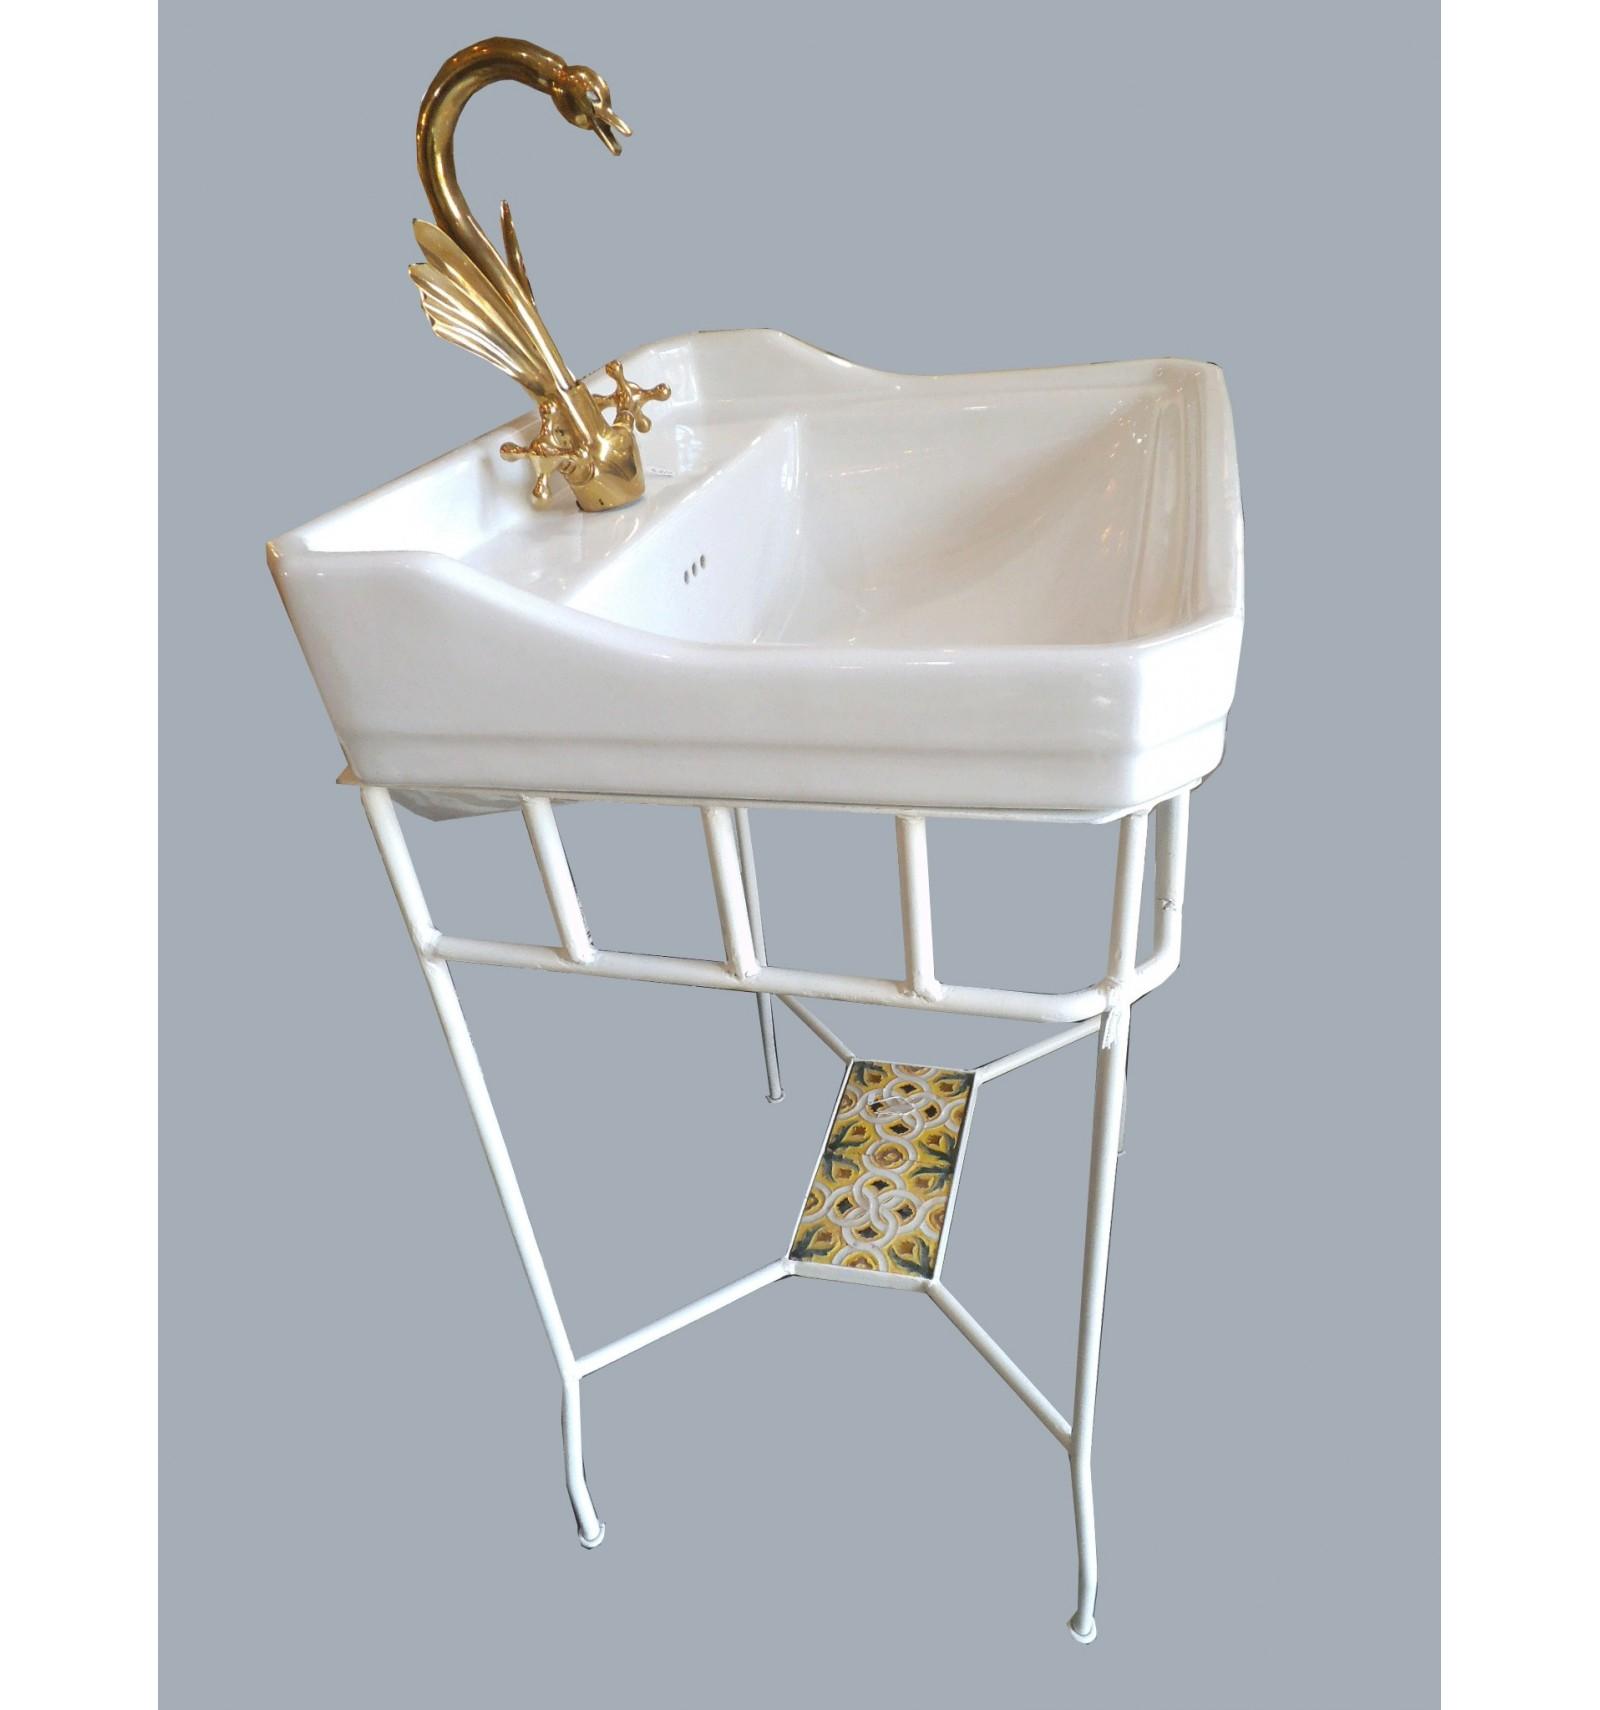 Conjunto mueble y lavabo for Conjunto mueble lavabo